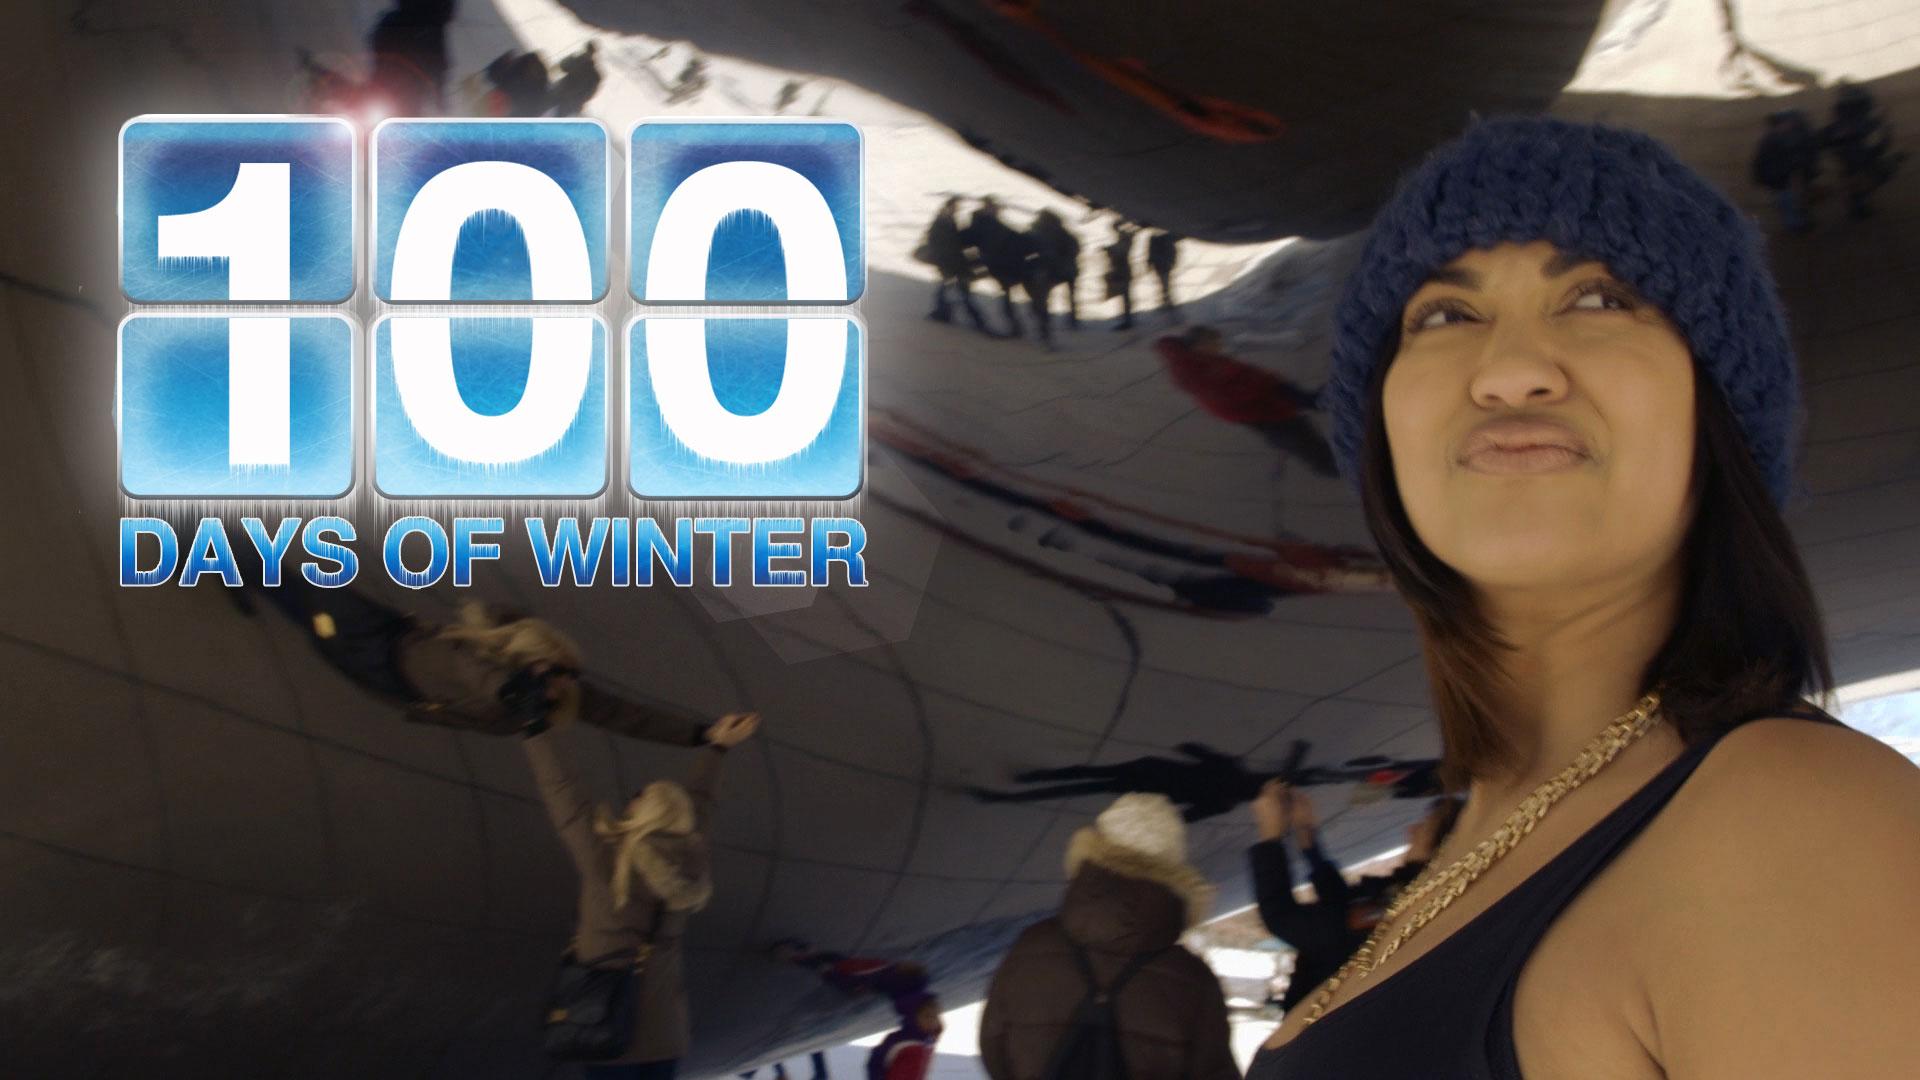 Duchanne - 100 Days of Winter Episode 3